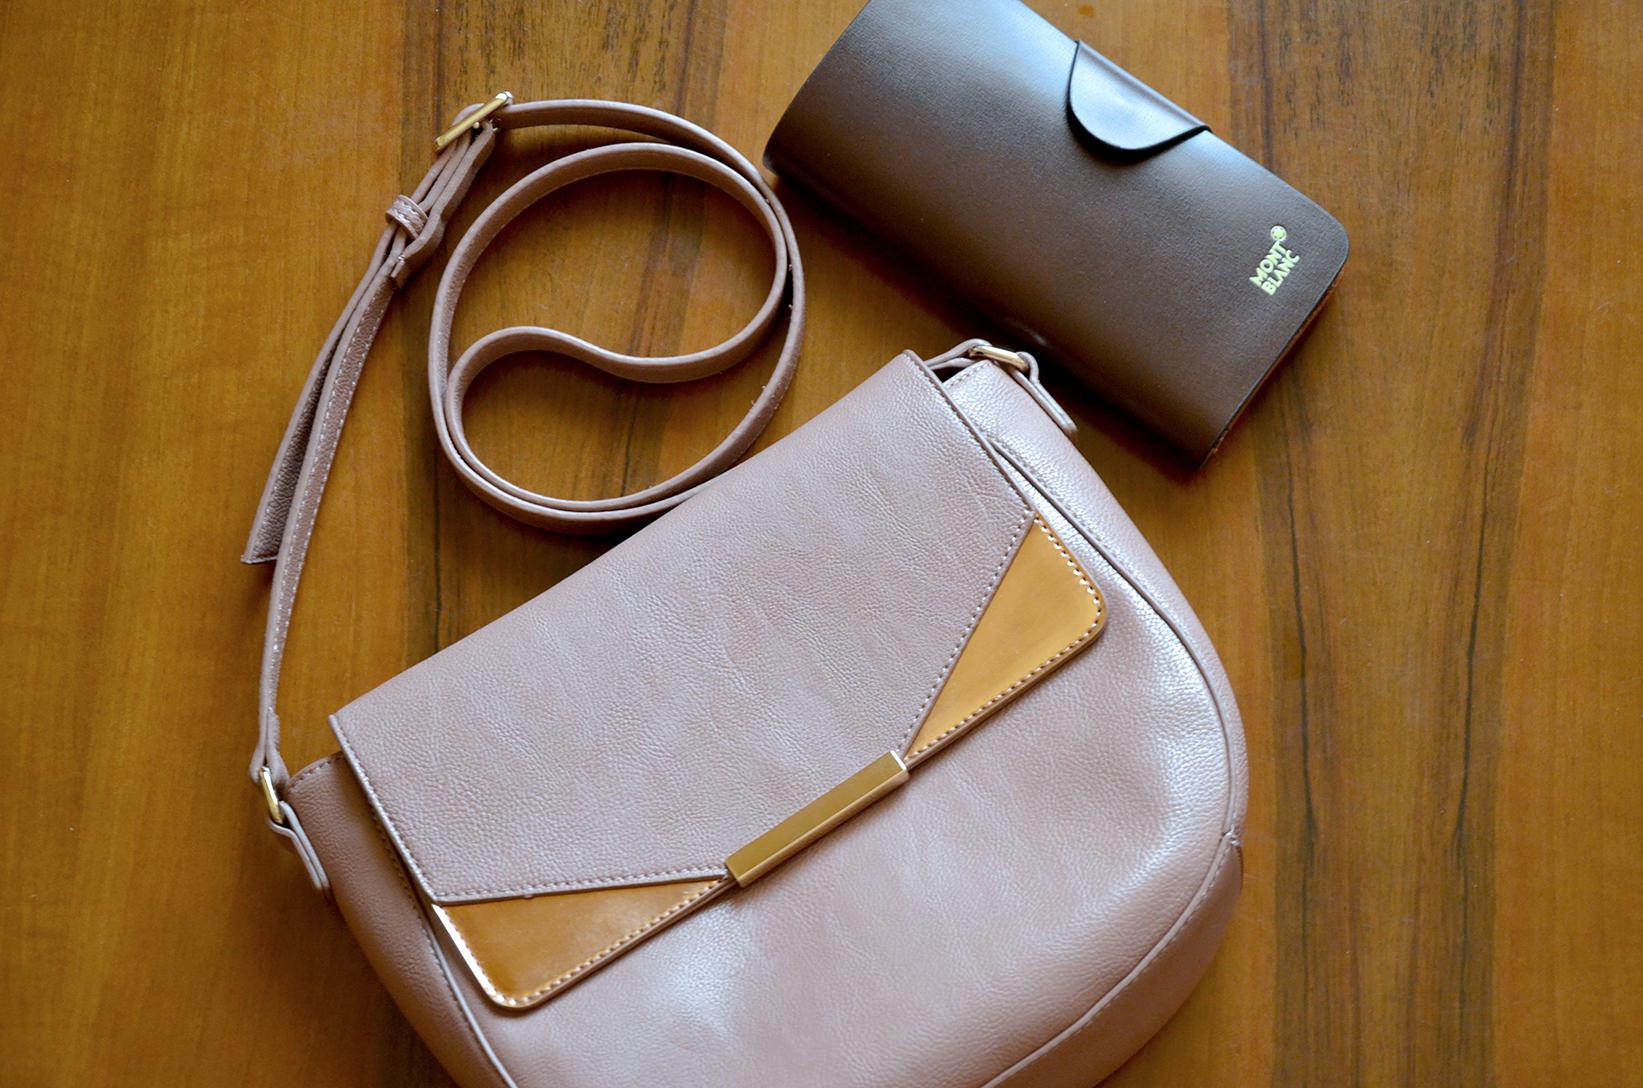 Обычная сумка через плечо из Дубаи и кошелек из рынка фэйков во Вьетнаме